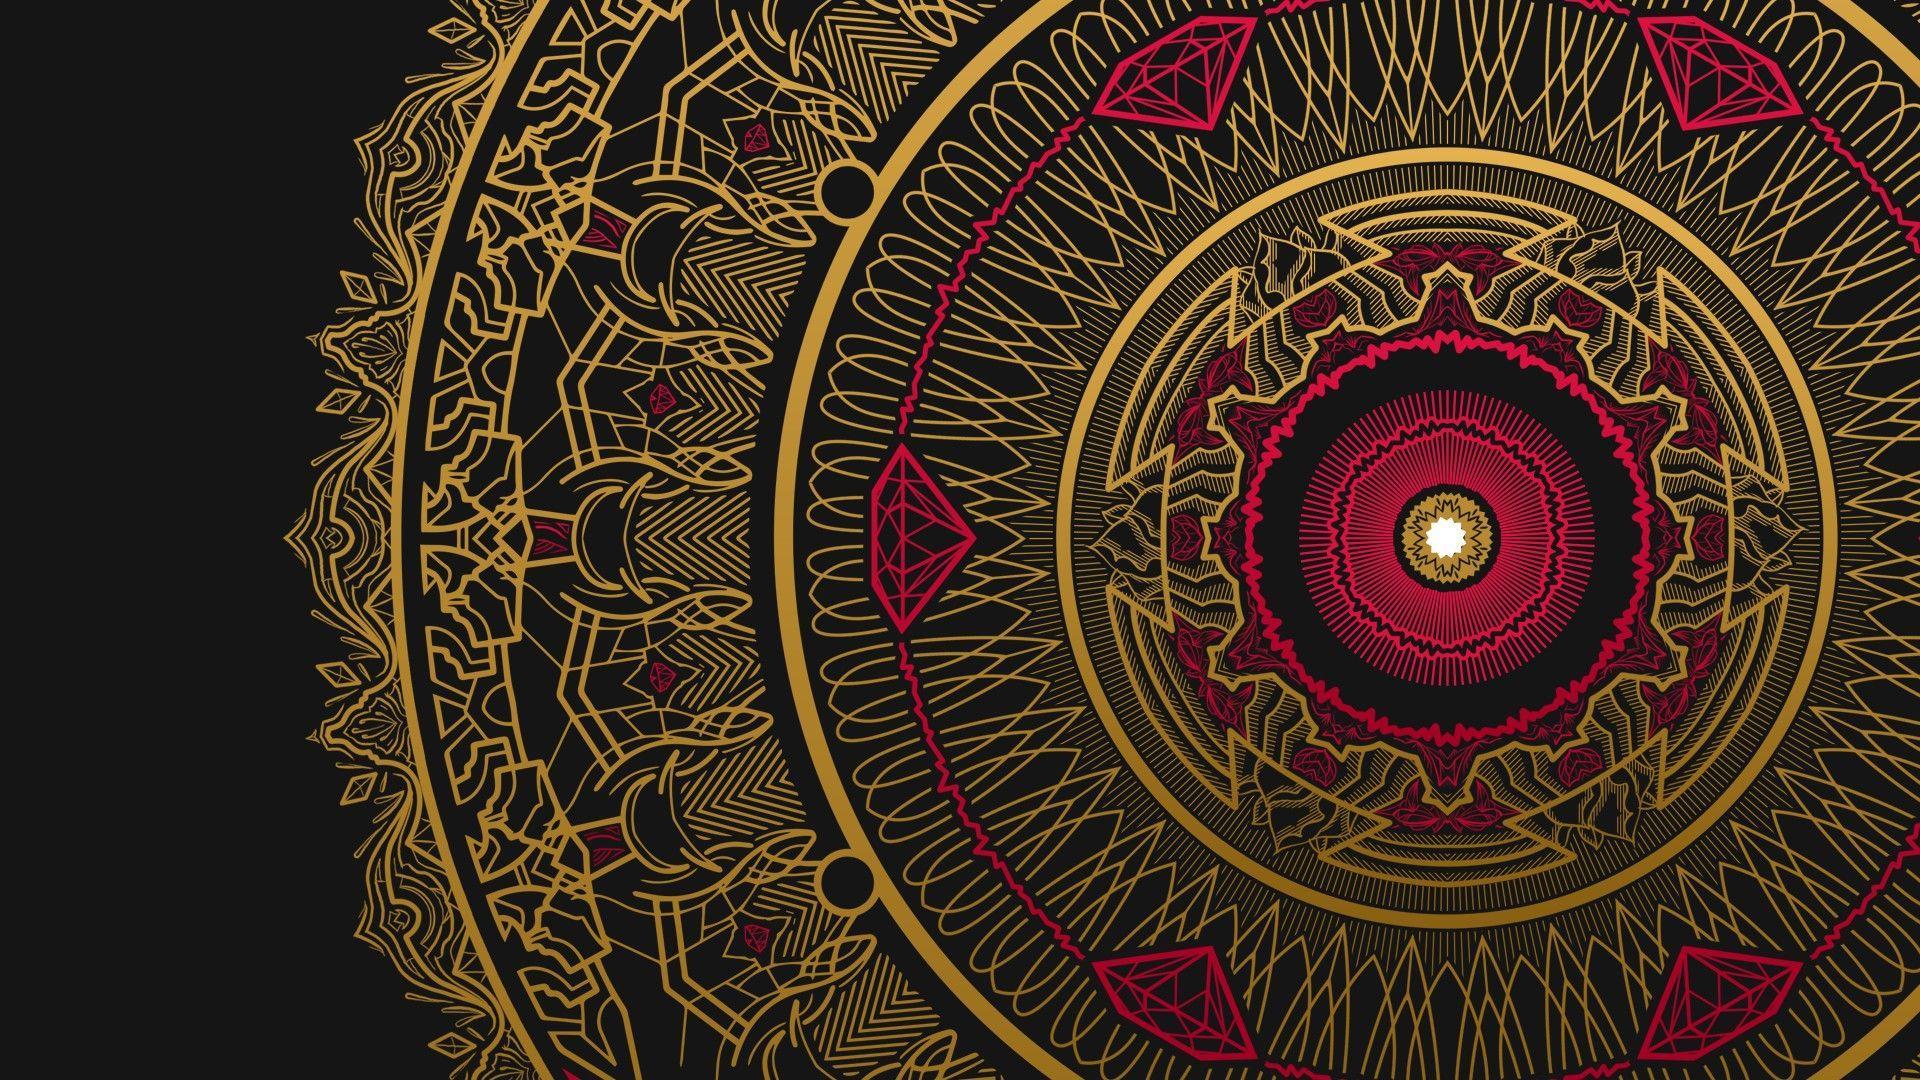 1920x1080 Mandala hình nềnTải xuống miễn phí Độ phân giải cao tuyệt vời